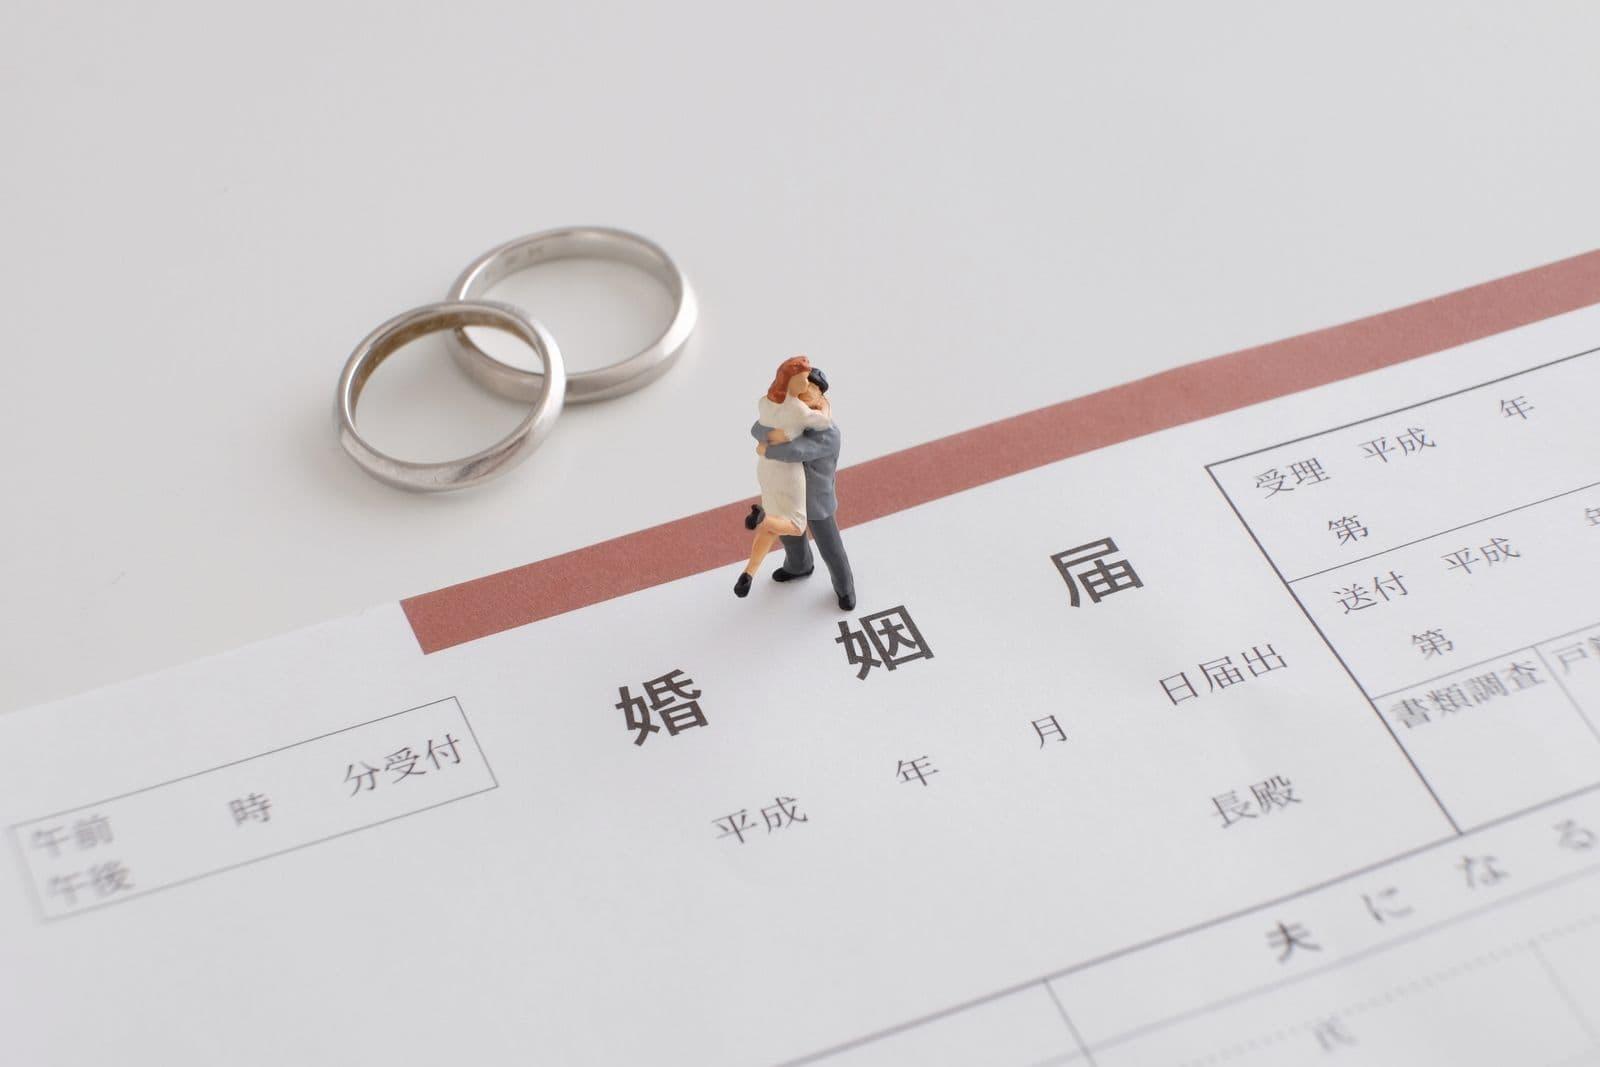 高松市の結婚式場アイルバレクラブの令和元年お申込みキャンペーン